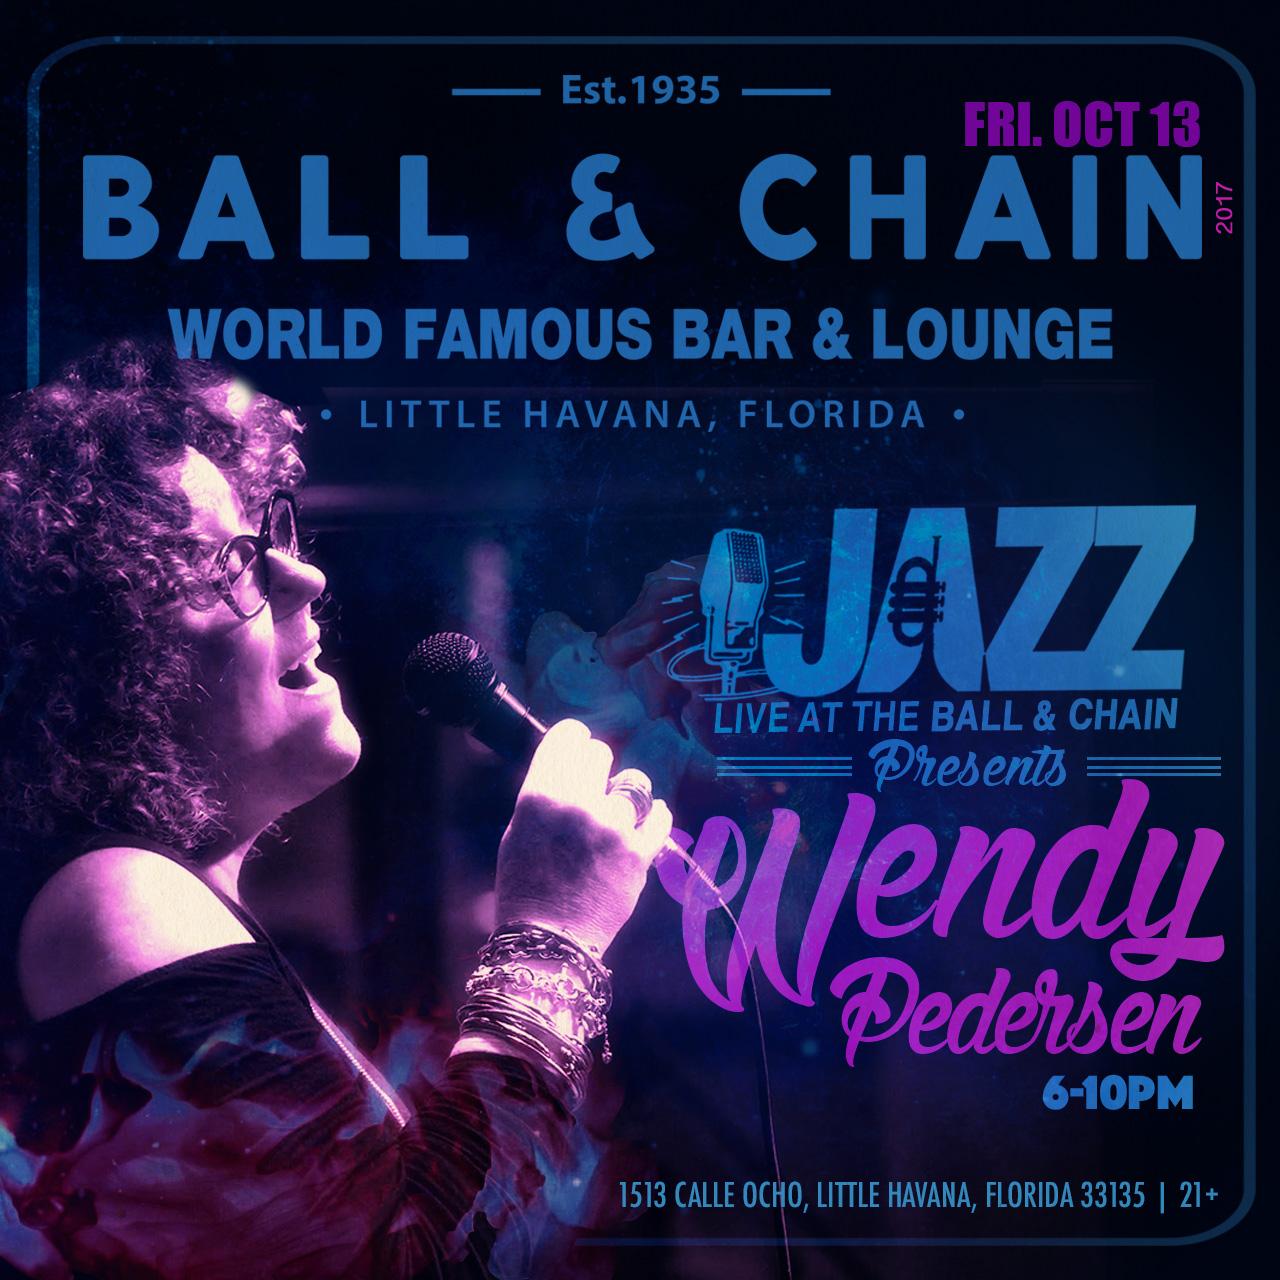 Wendy Pedersen Live October 13, 2017